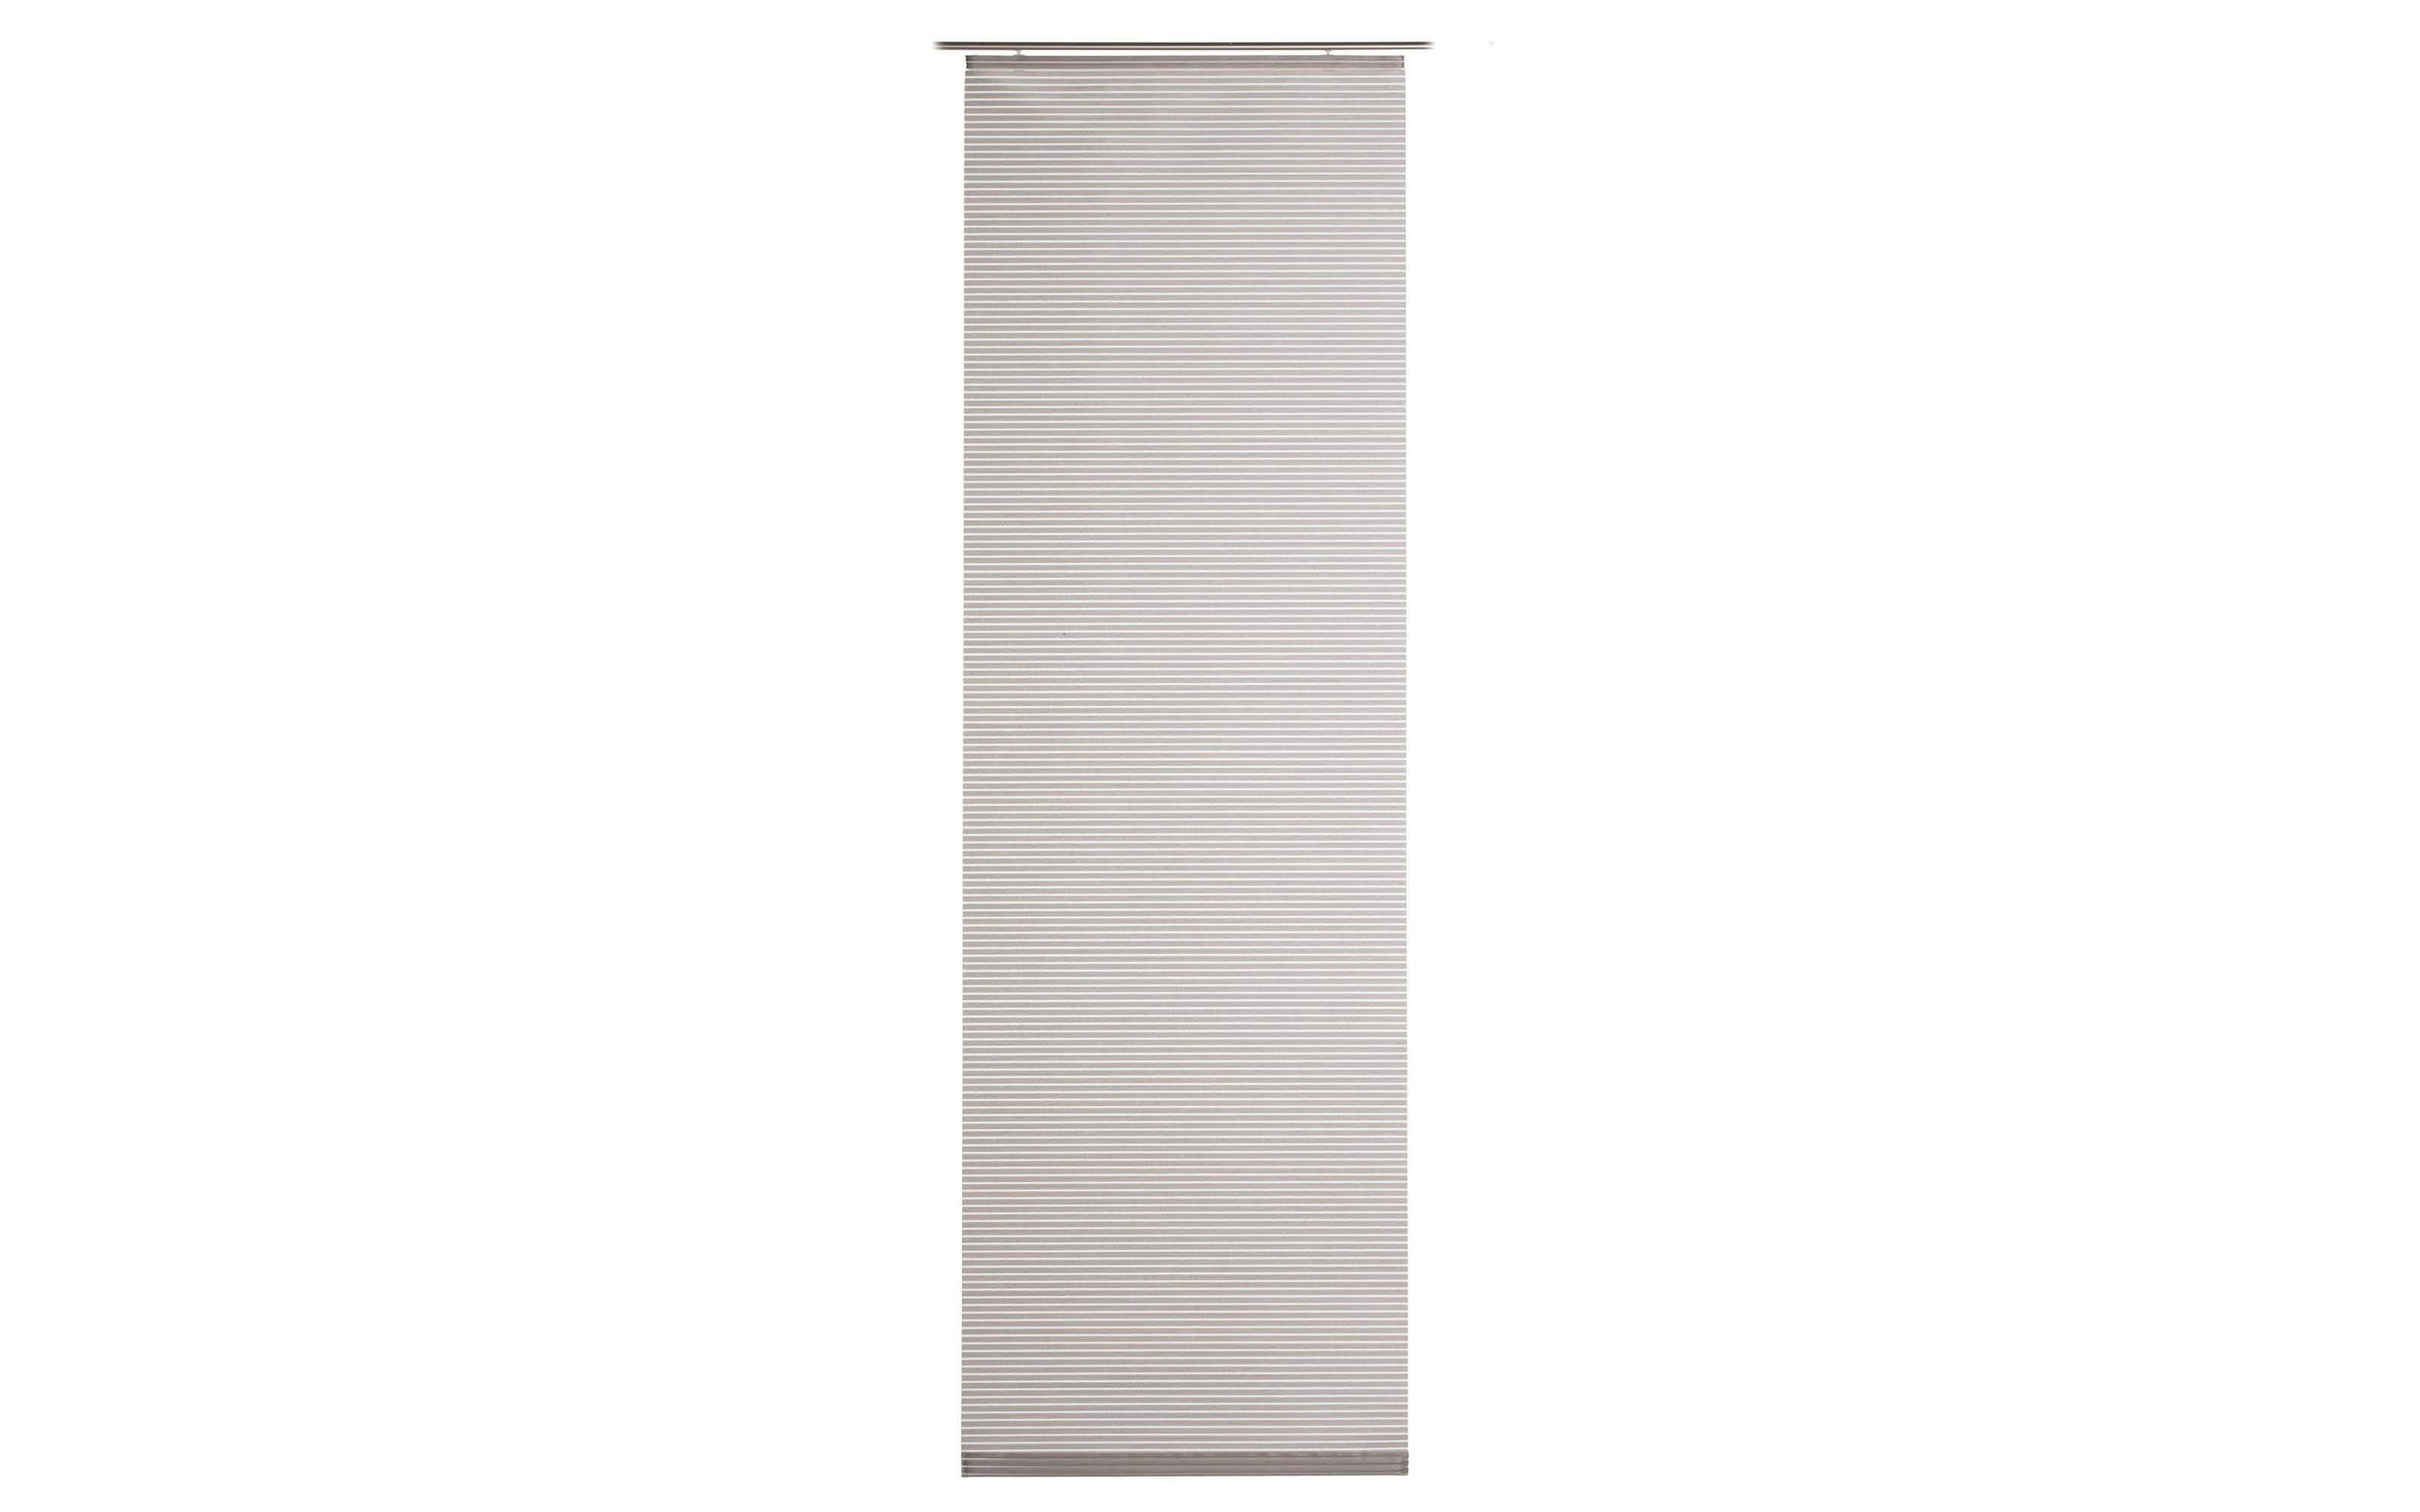 Schiebevorhang Valegro Legere in taupe, 60 x 245 cm